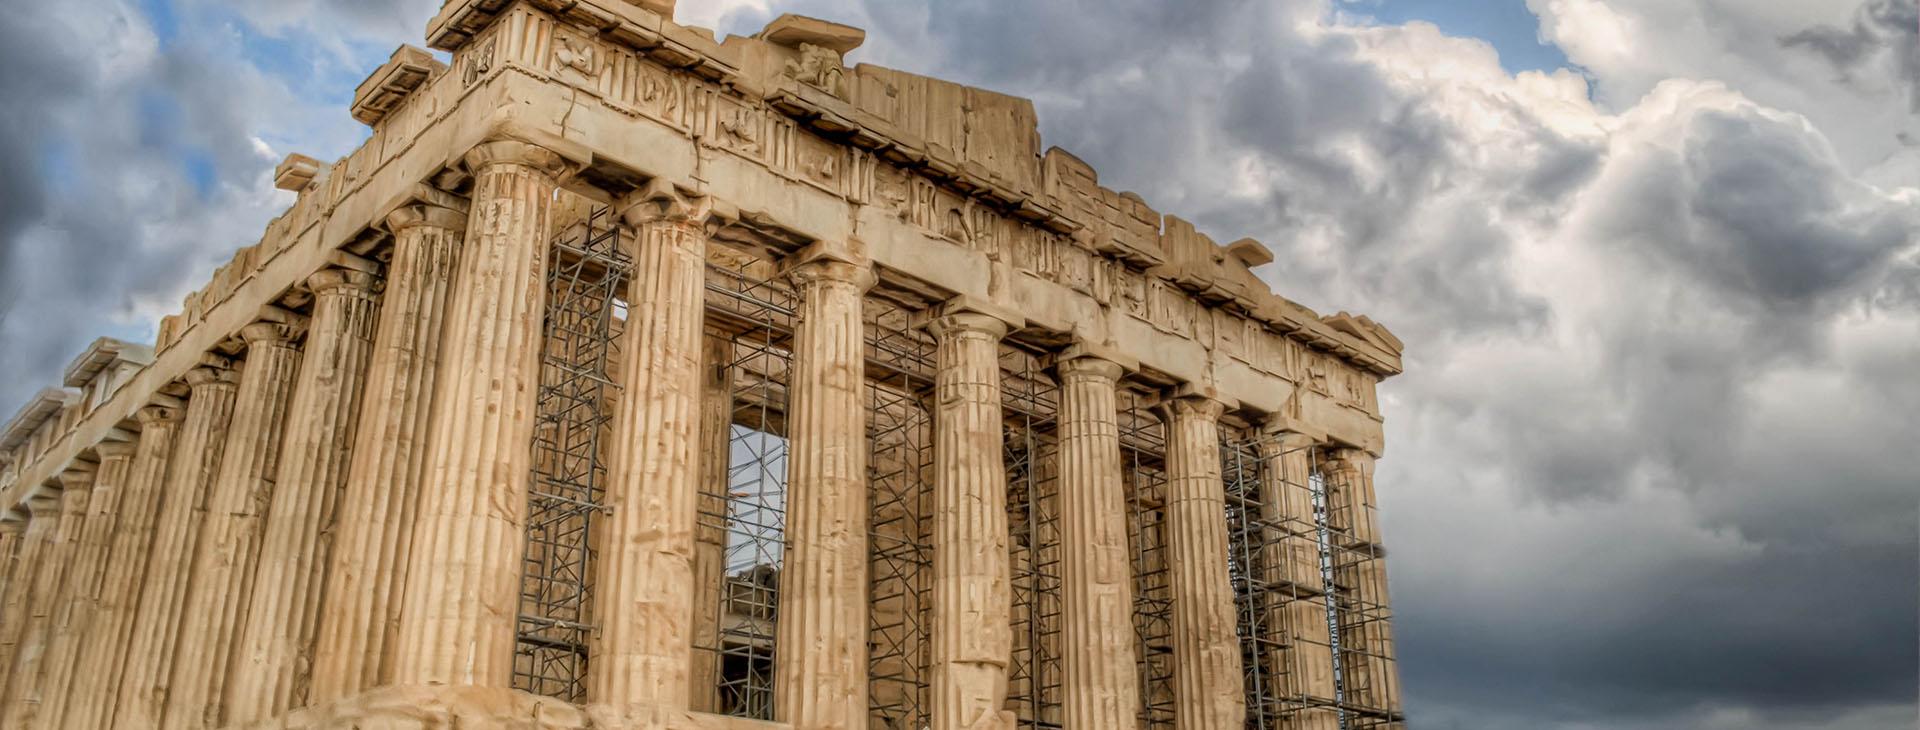 The Parthenon at Athens' Acropolis